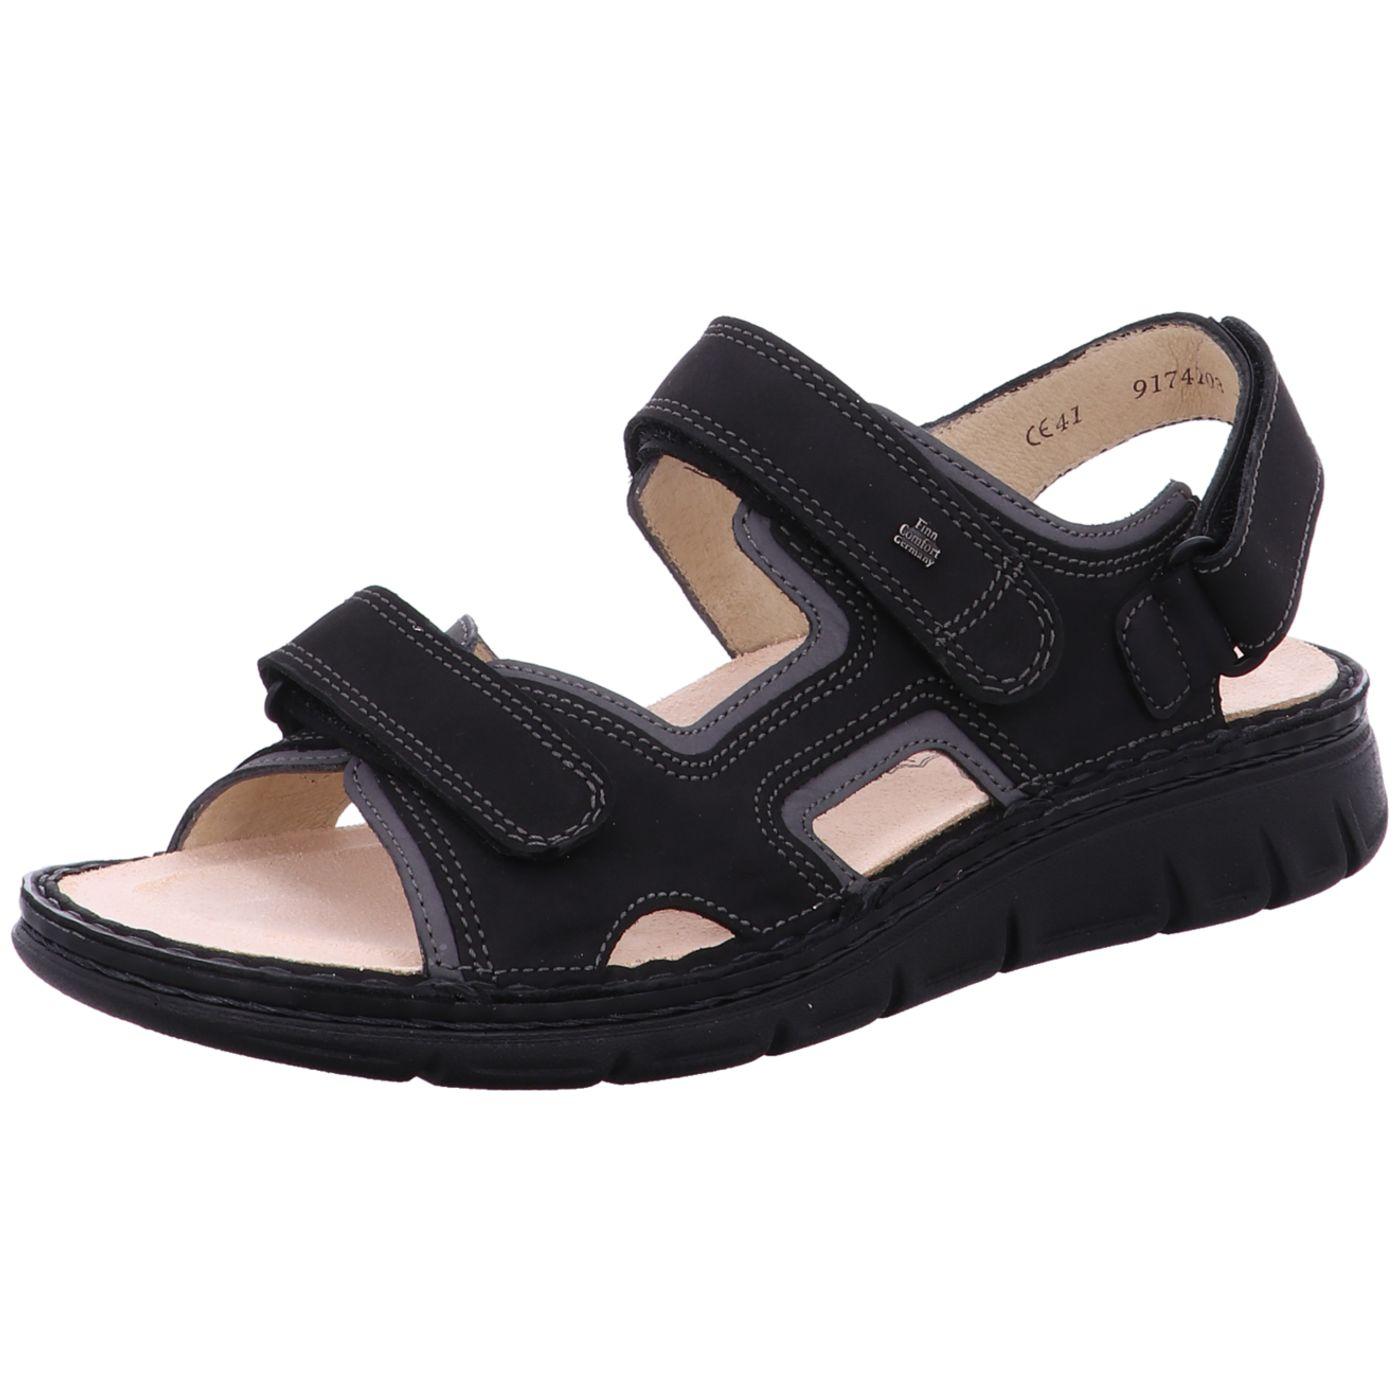 a398482520fecc Finn Comfort Schuhe » Über 500 Modelle verfügbar